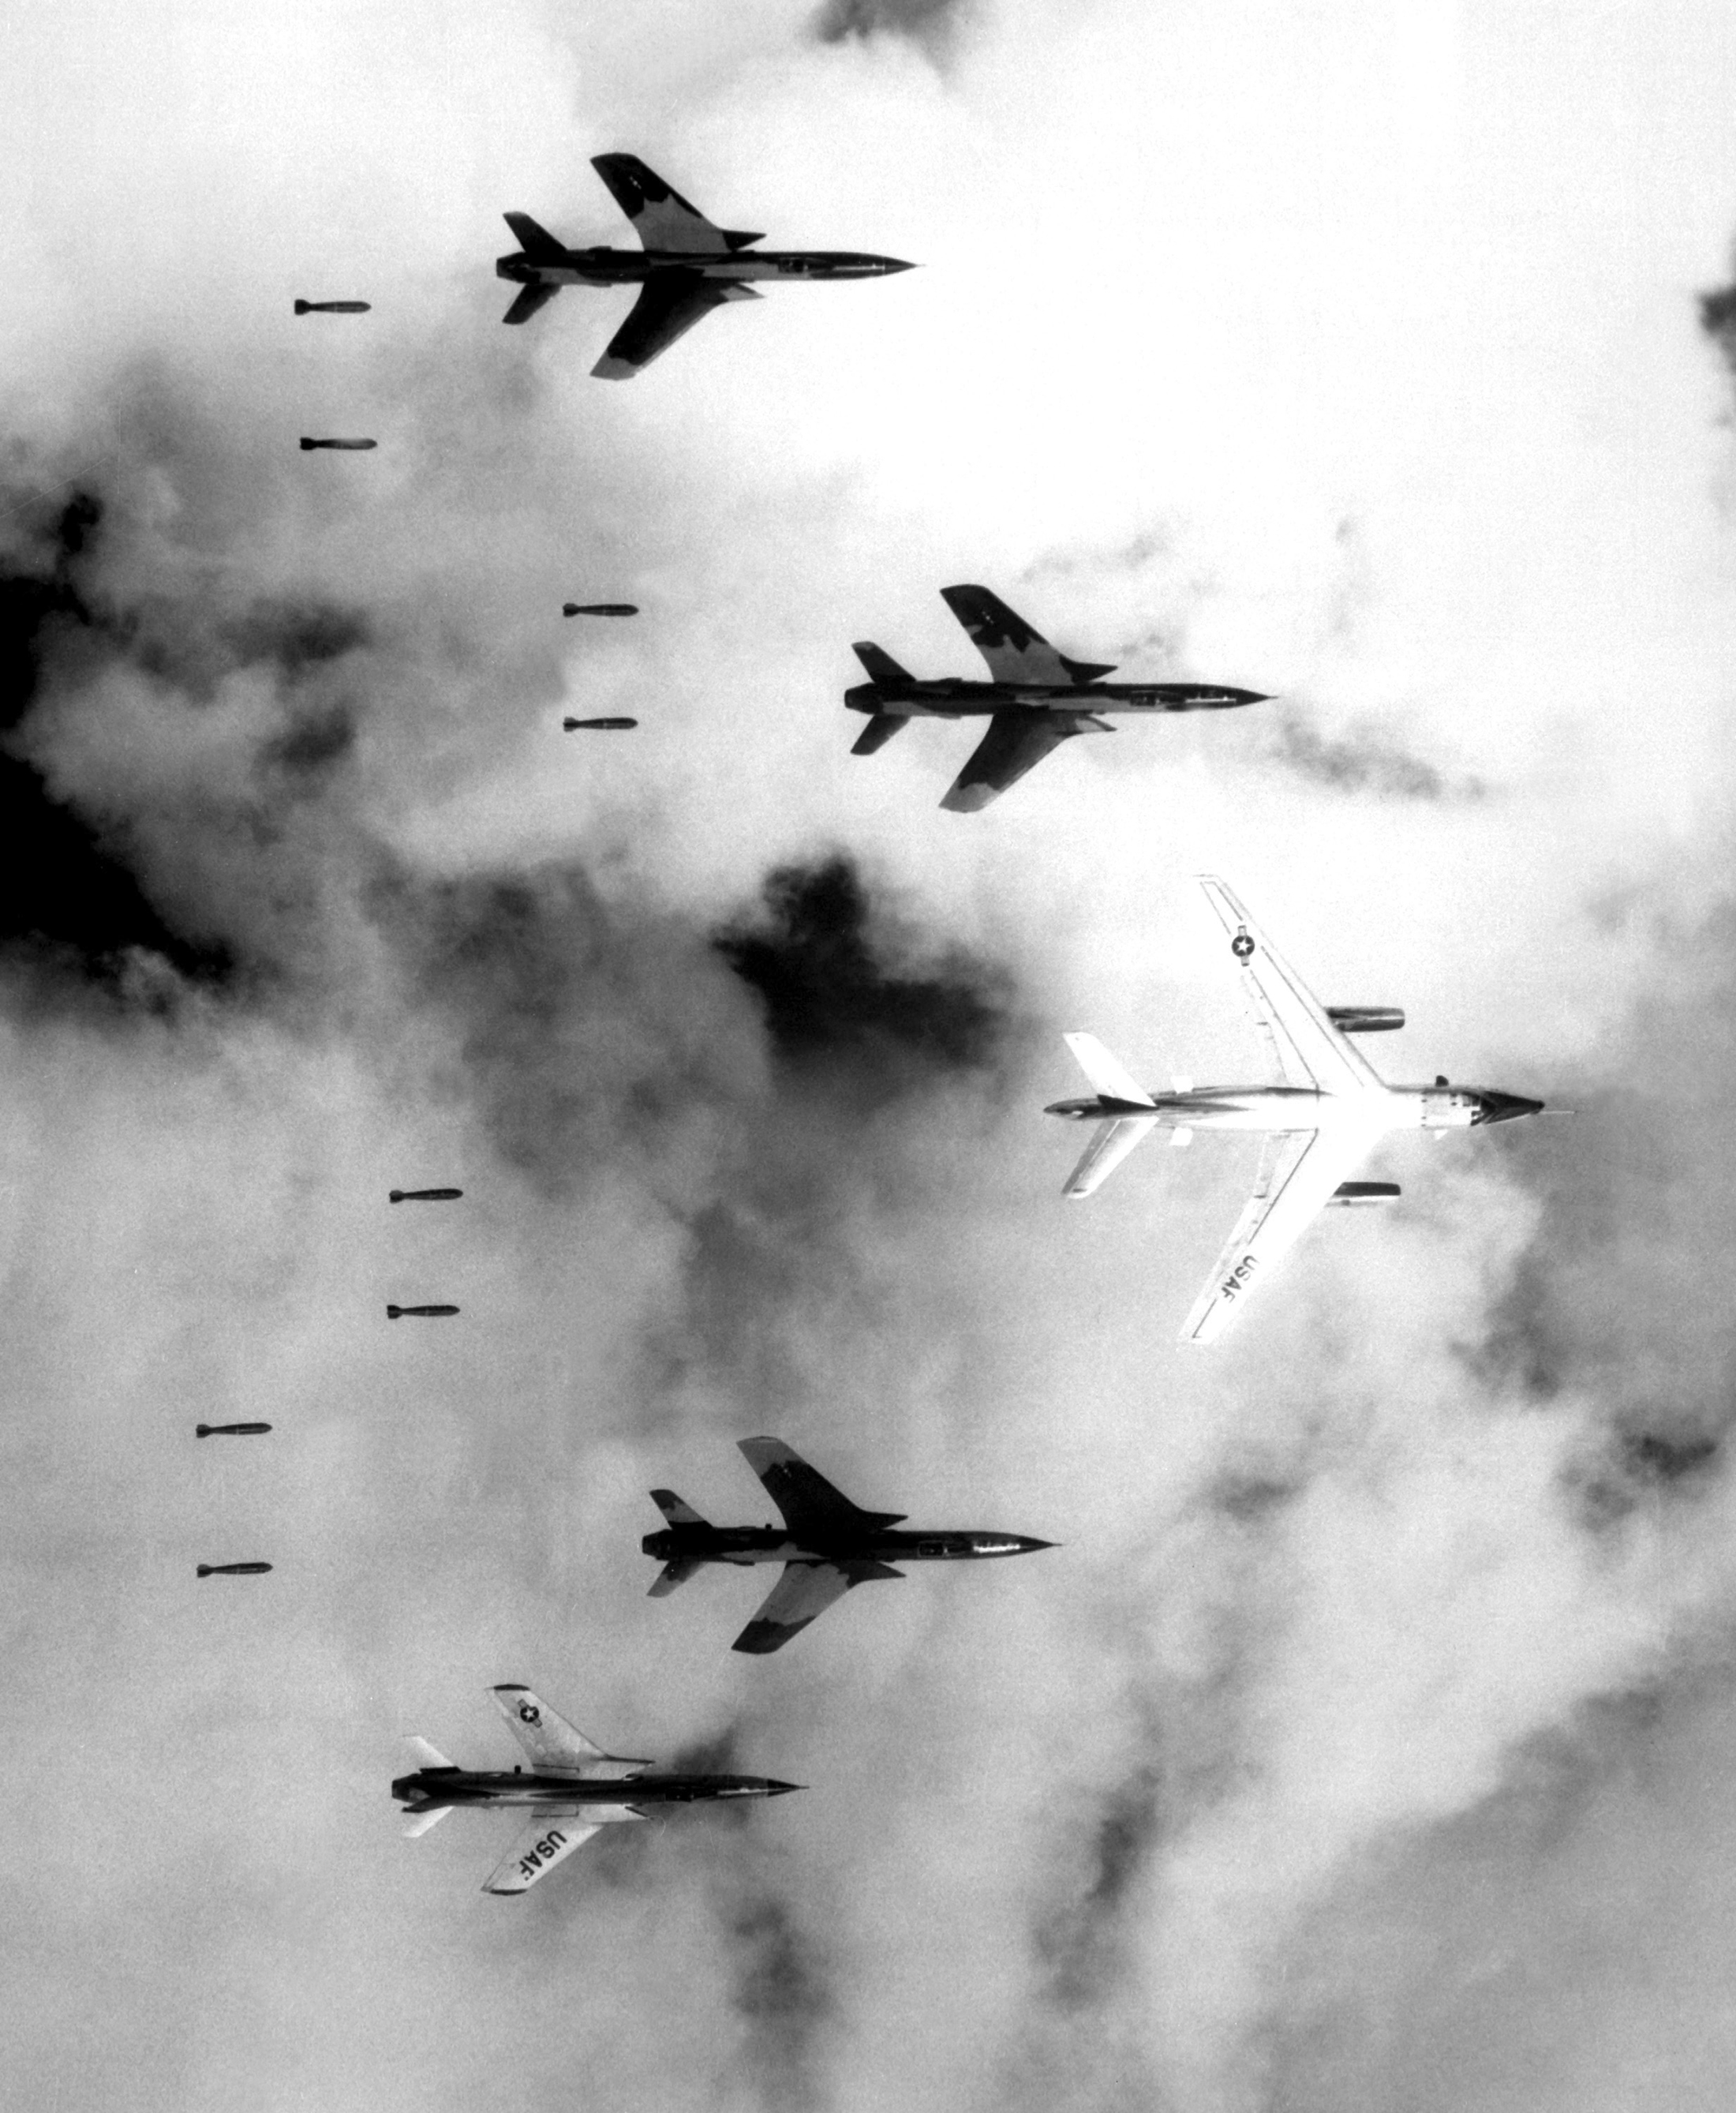 19660614_rolling_thunder_f-105.jpg